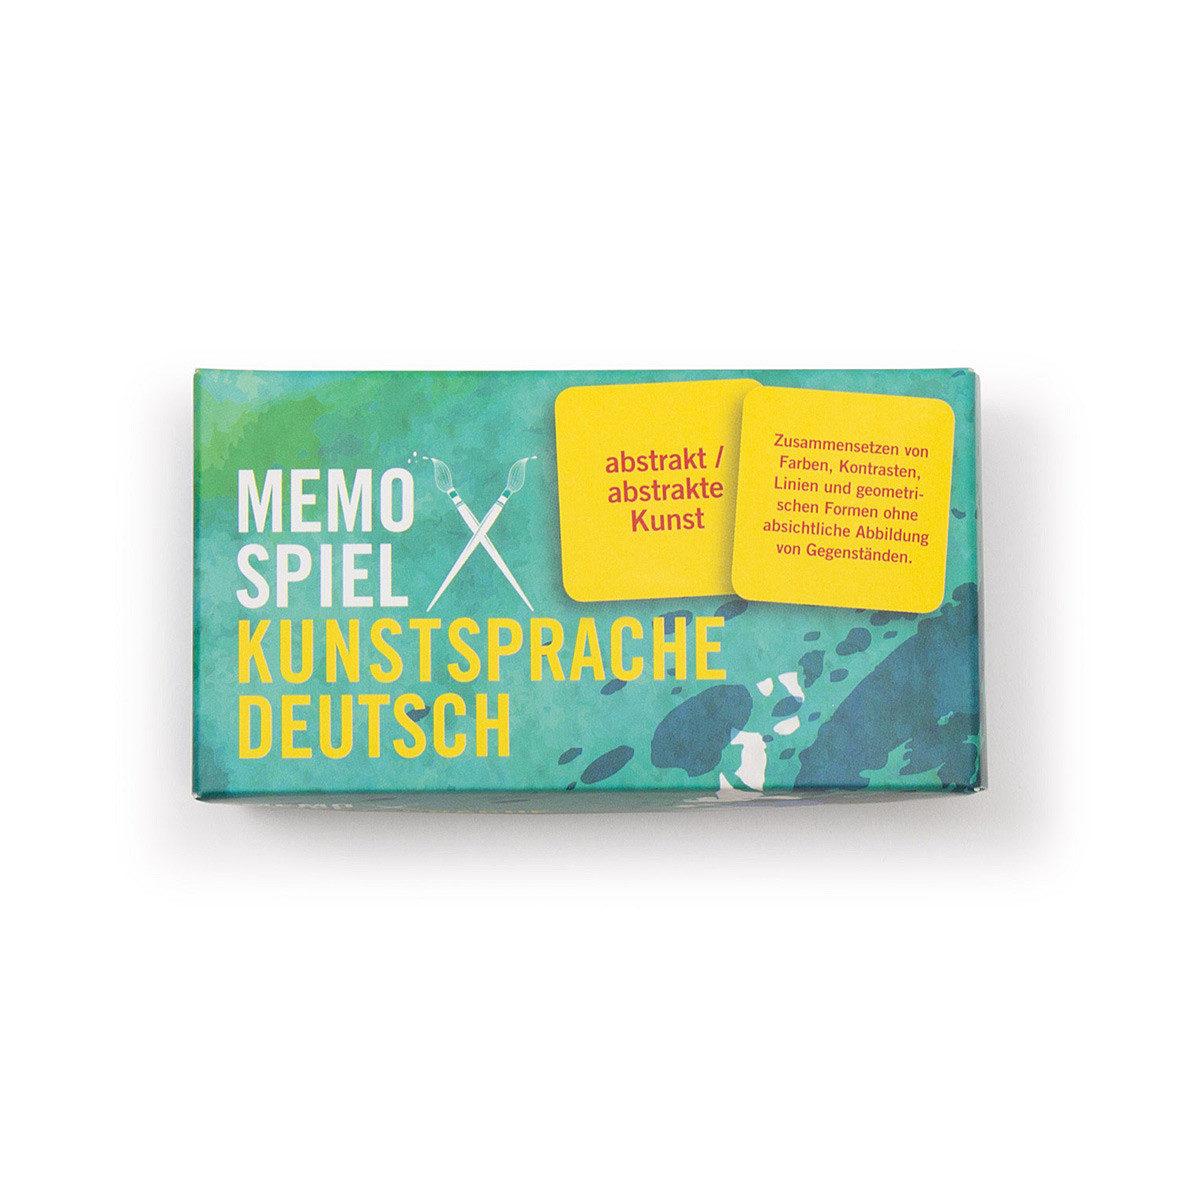 Memospiel – Kunstsprache